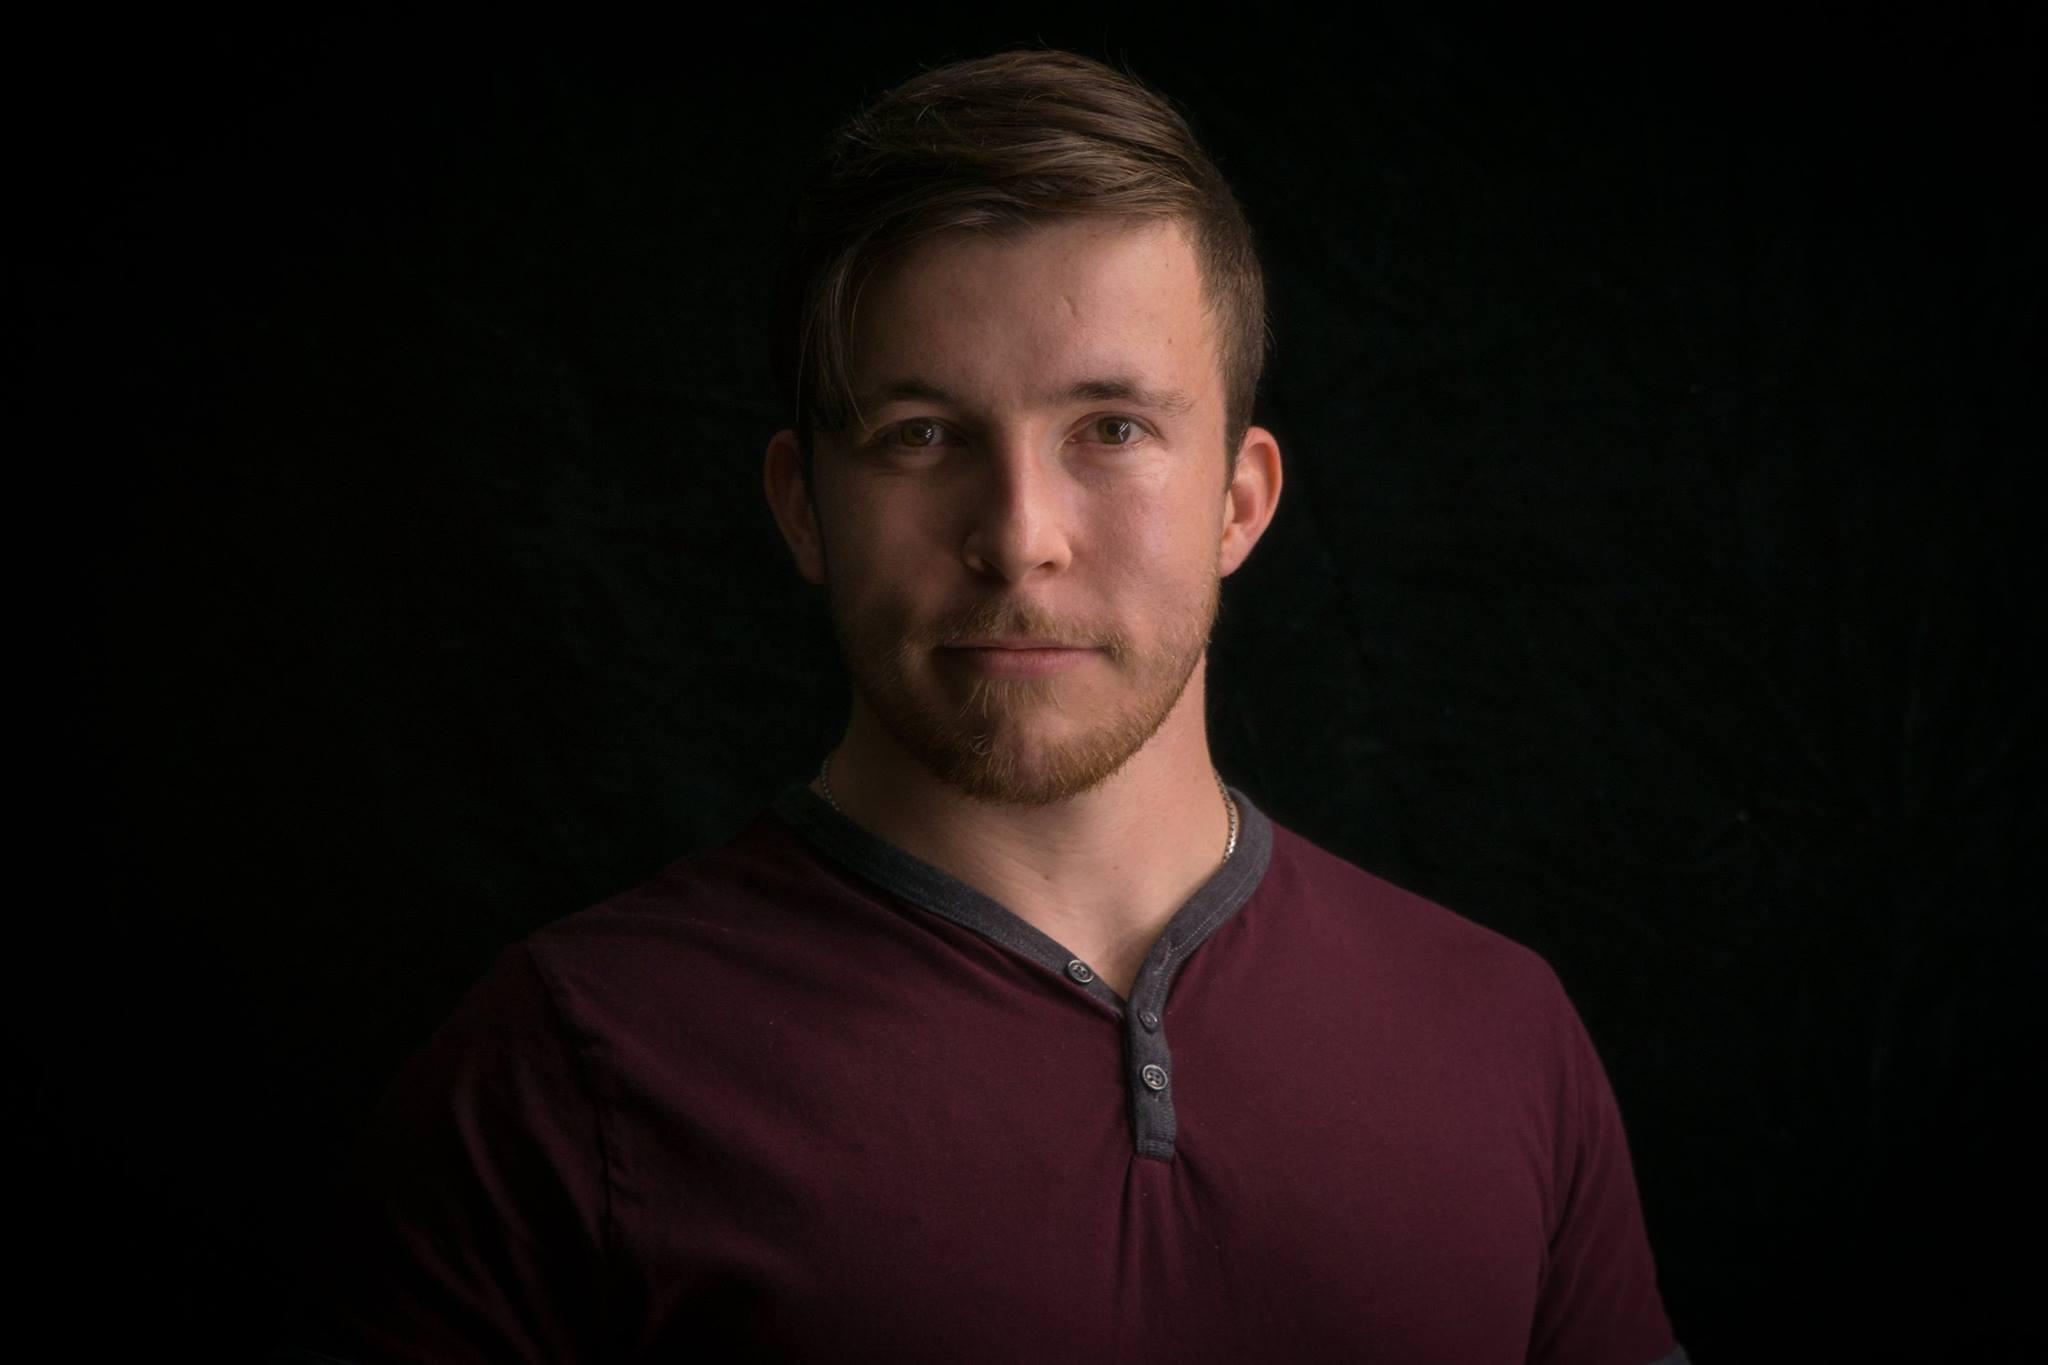 Dylan Werth Headshot 1